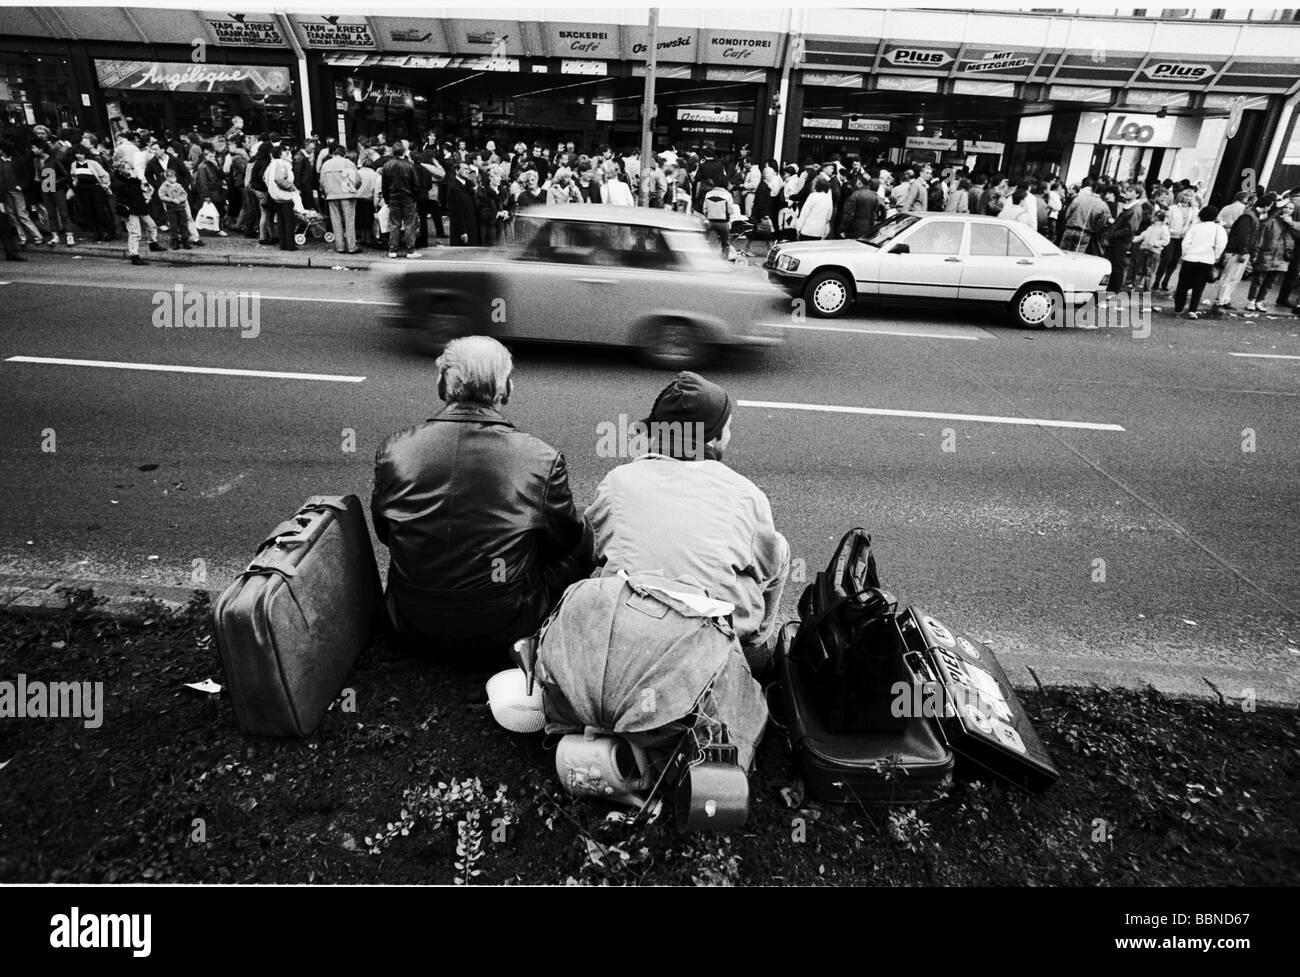 Geographie/Reisen, Deutschland, Wiedervereinigung, Berlin, Leute, die die DDR verlassen, Sitzen mit Gepäck Stockbild